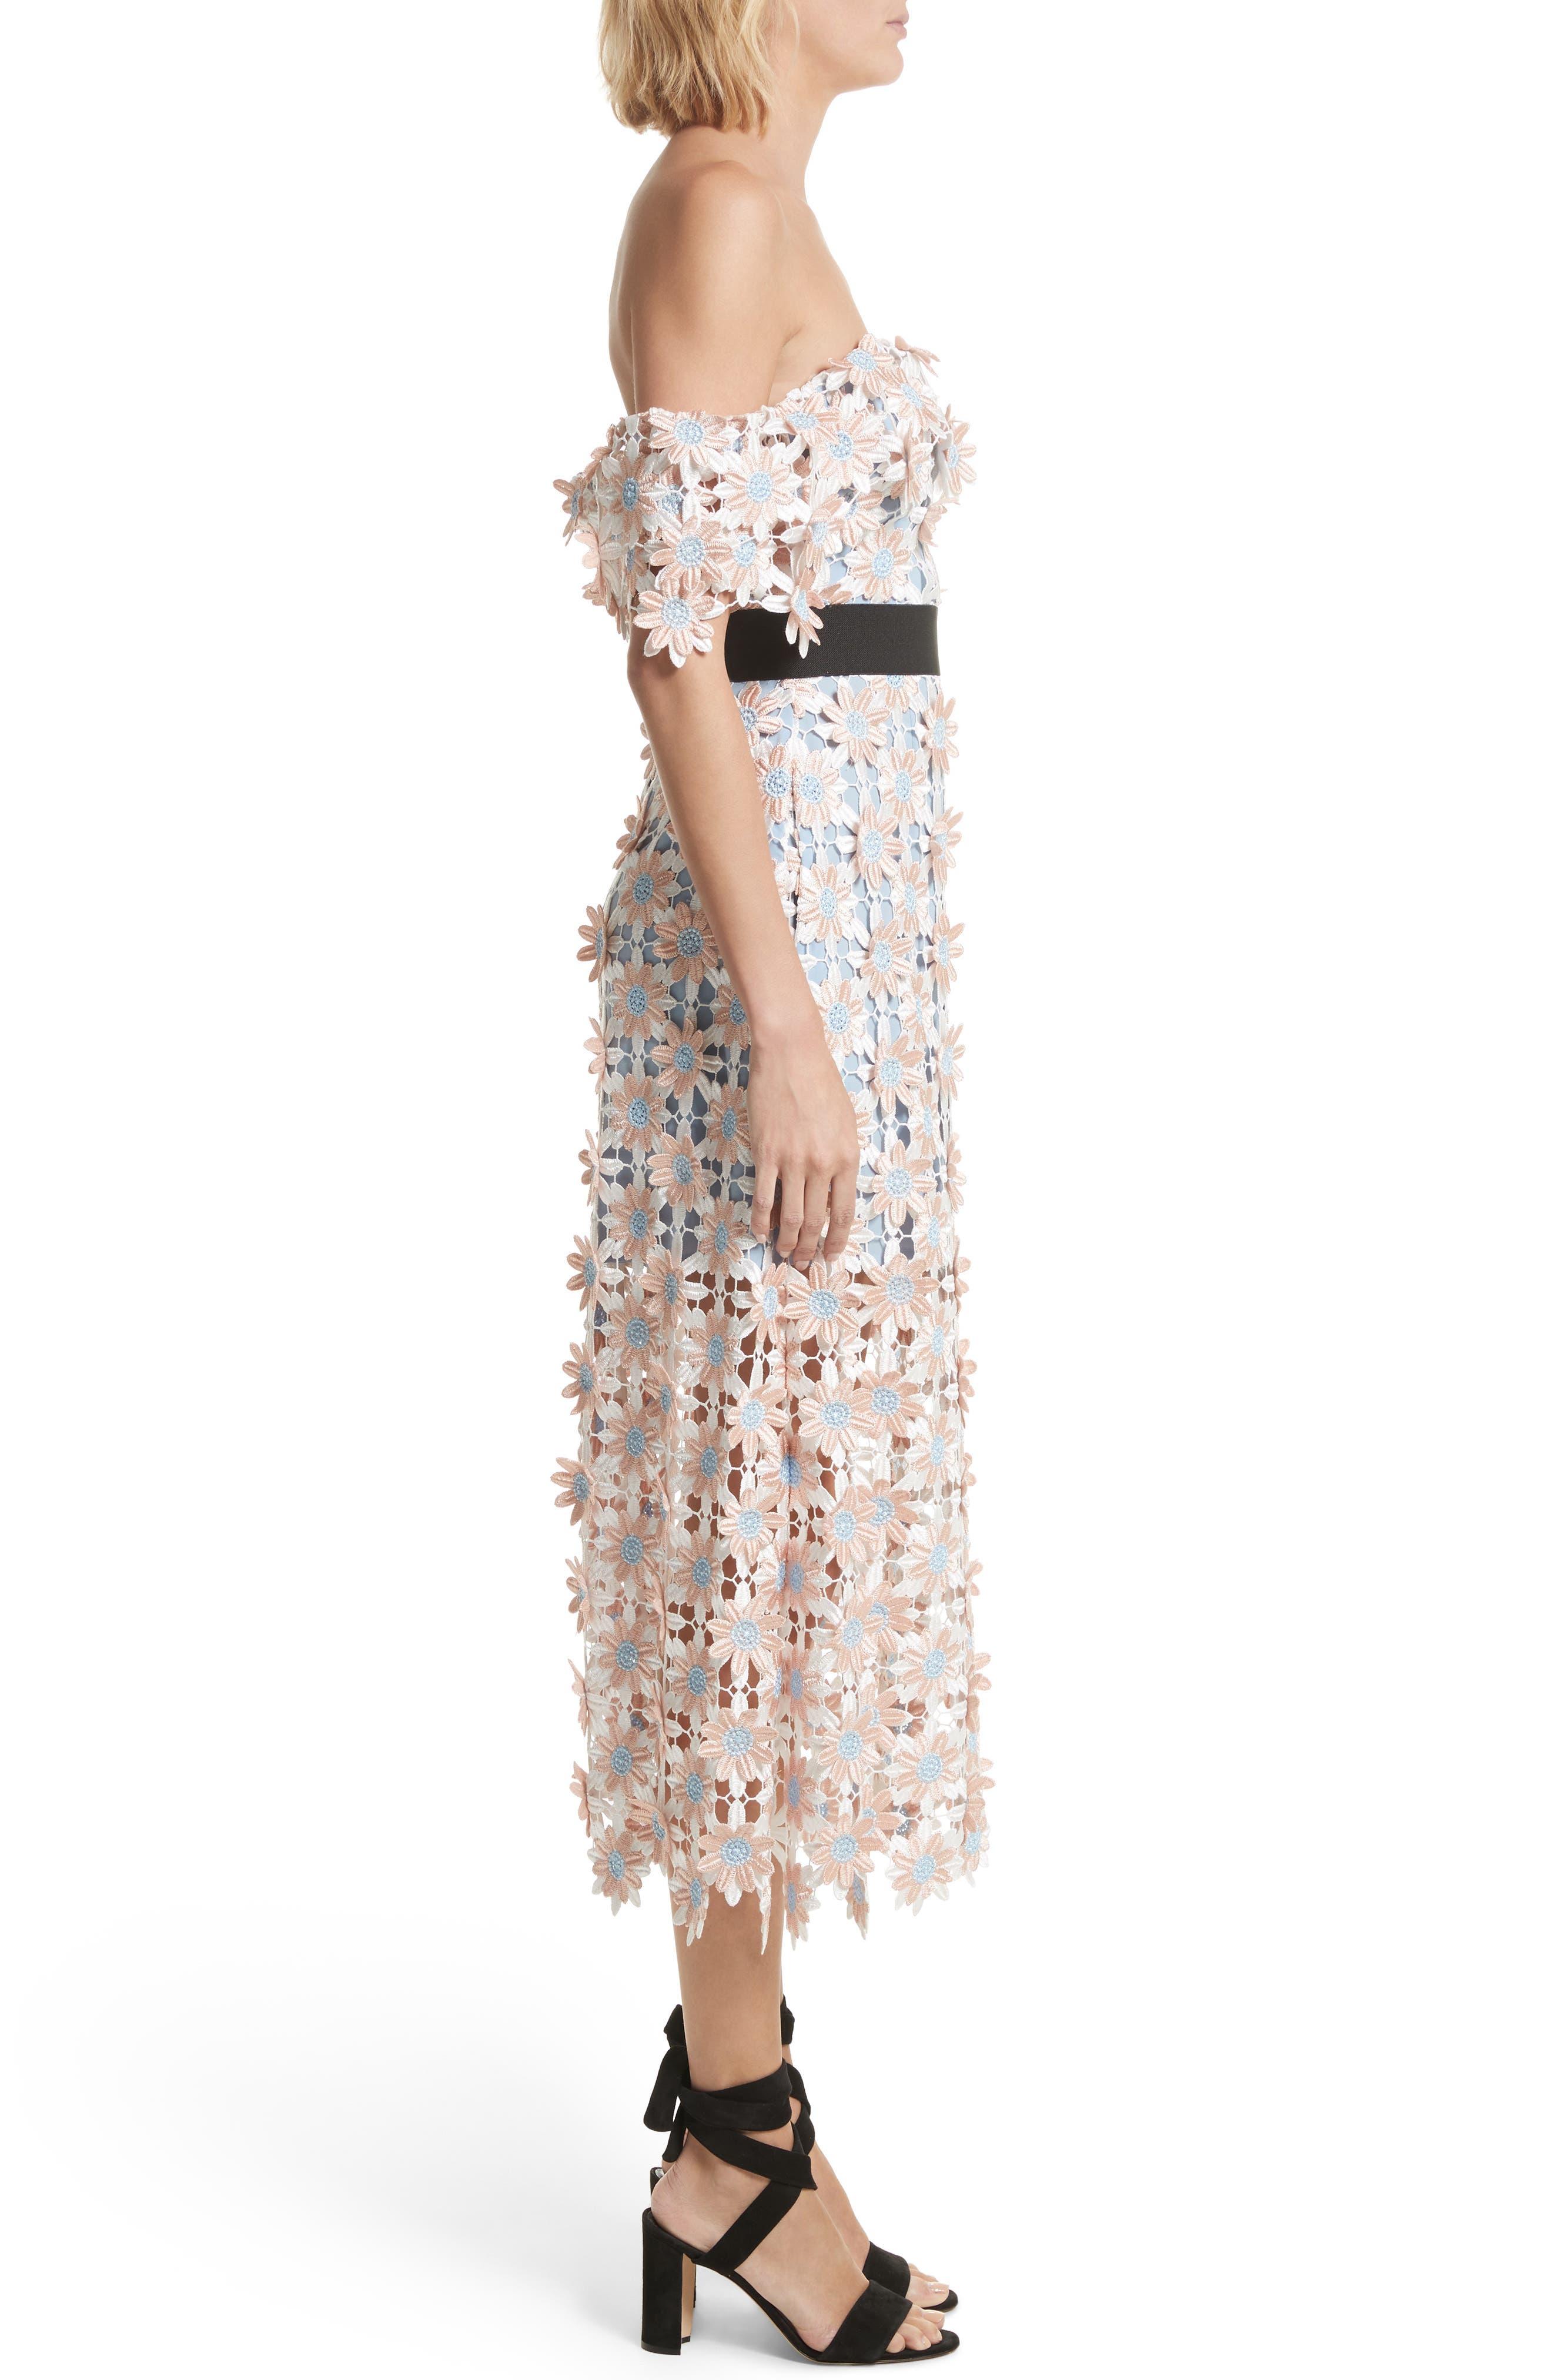 3D Floral Lace Off the Shoulder Midi Dress,                             Alternate thumbnail 3, color,                             650